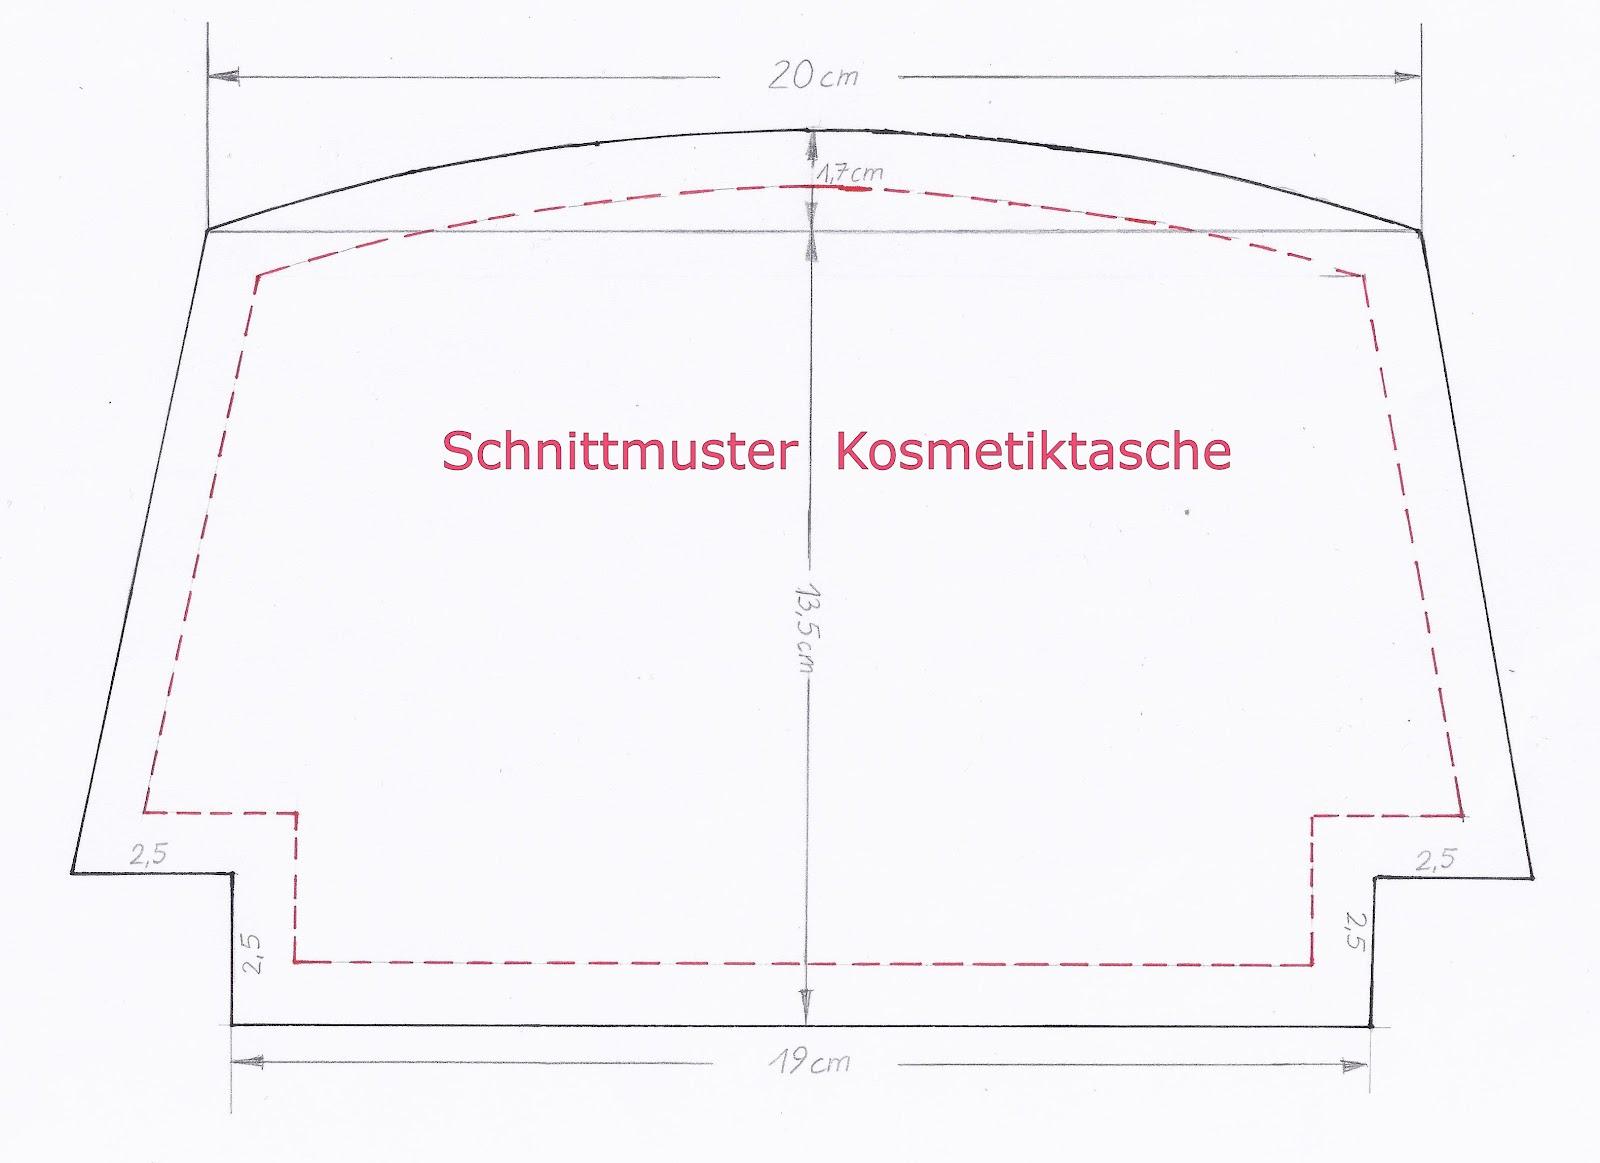 Mutterhenne: Schnittmuster Kosmetiktasche u.a.